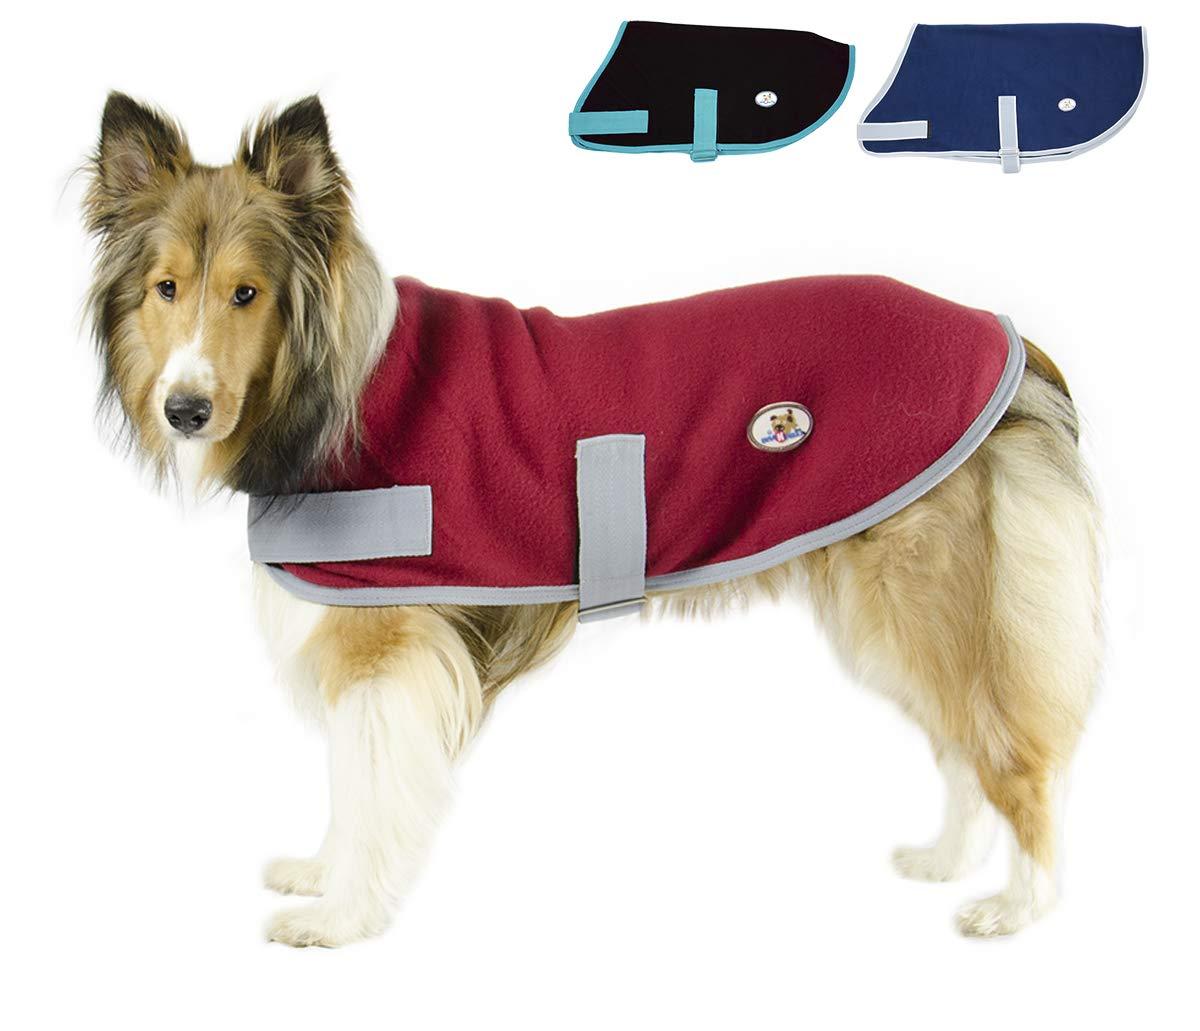 Spedizione gratuita al 100% CuteNfuzzy CuteNfuzzy CuteNfuzzy cane coperta pile cappotto  acquistare ora